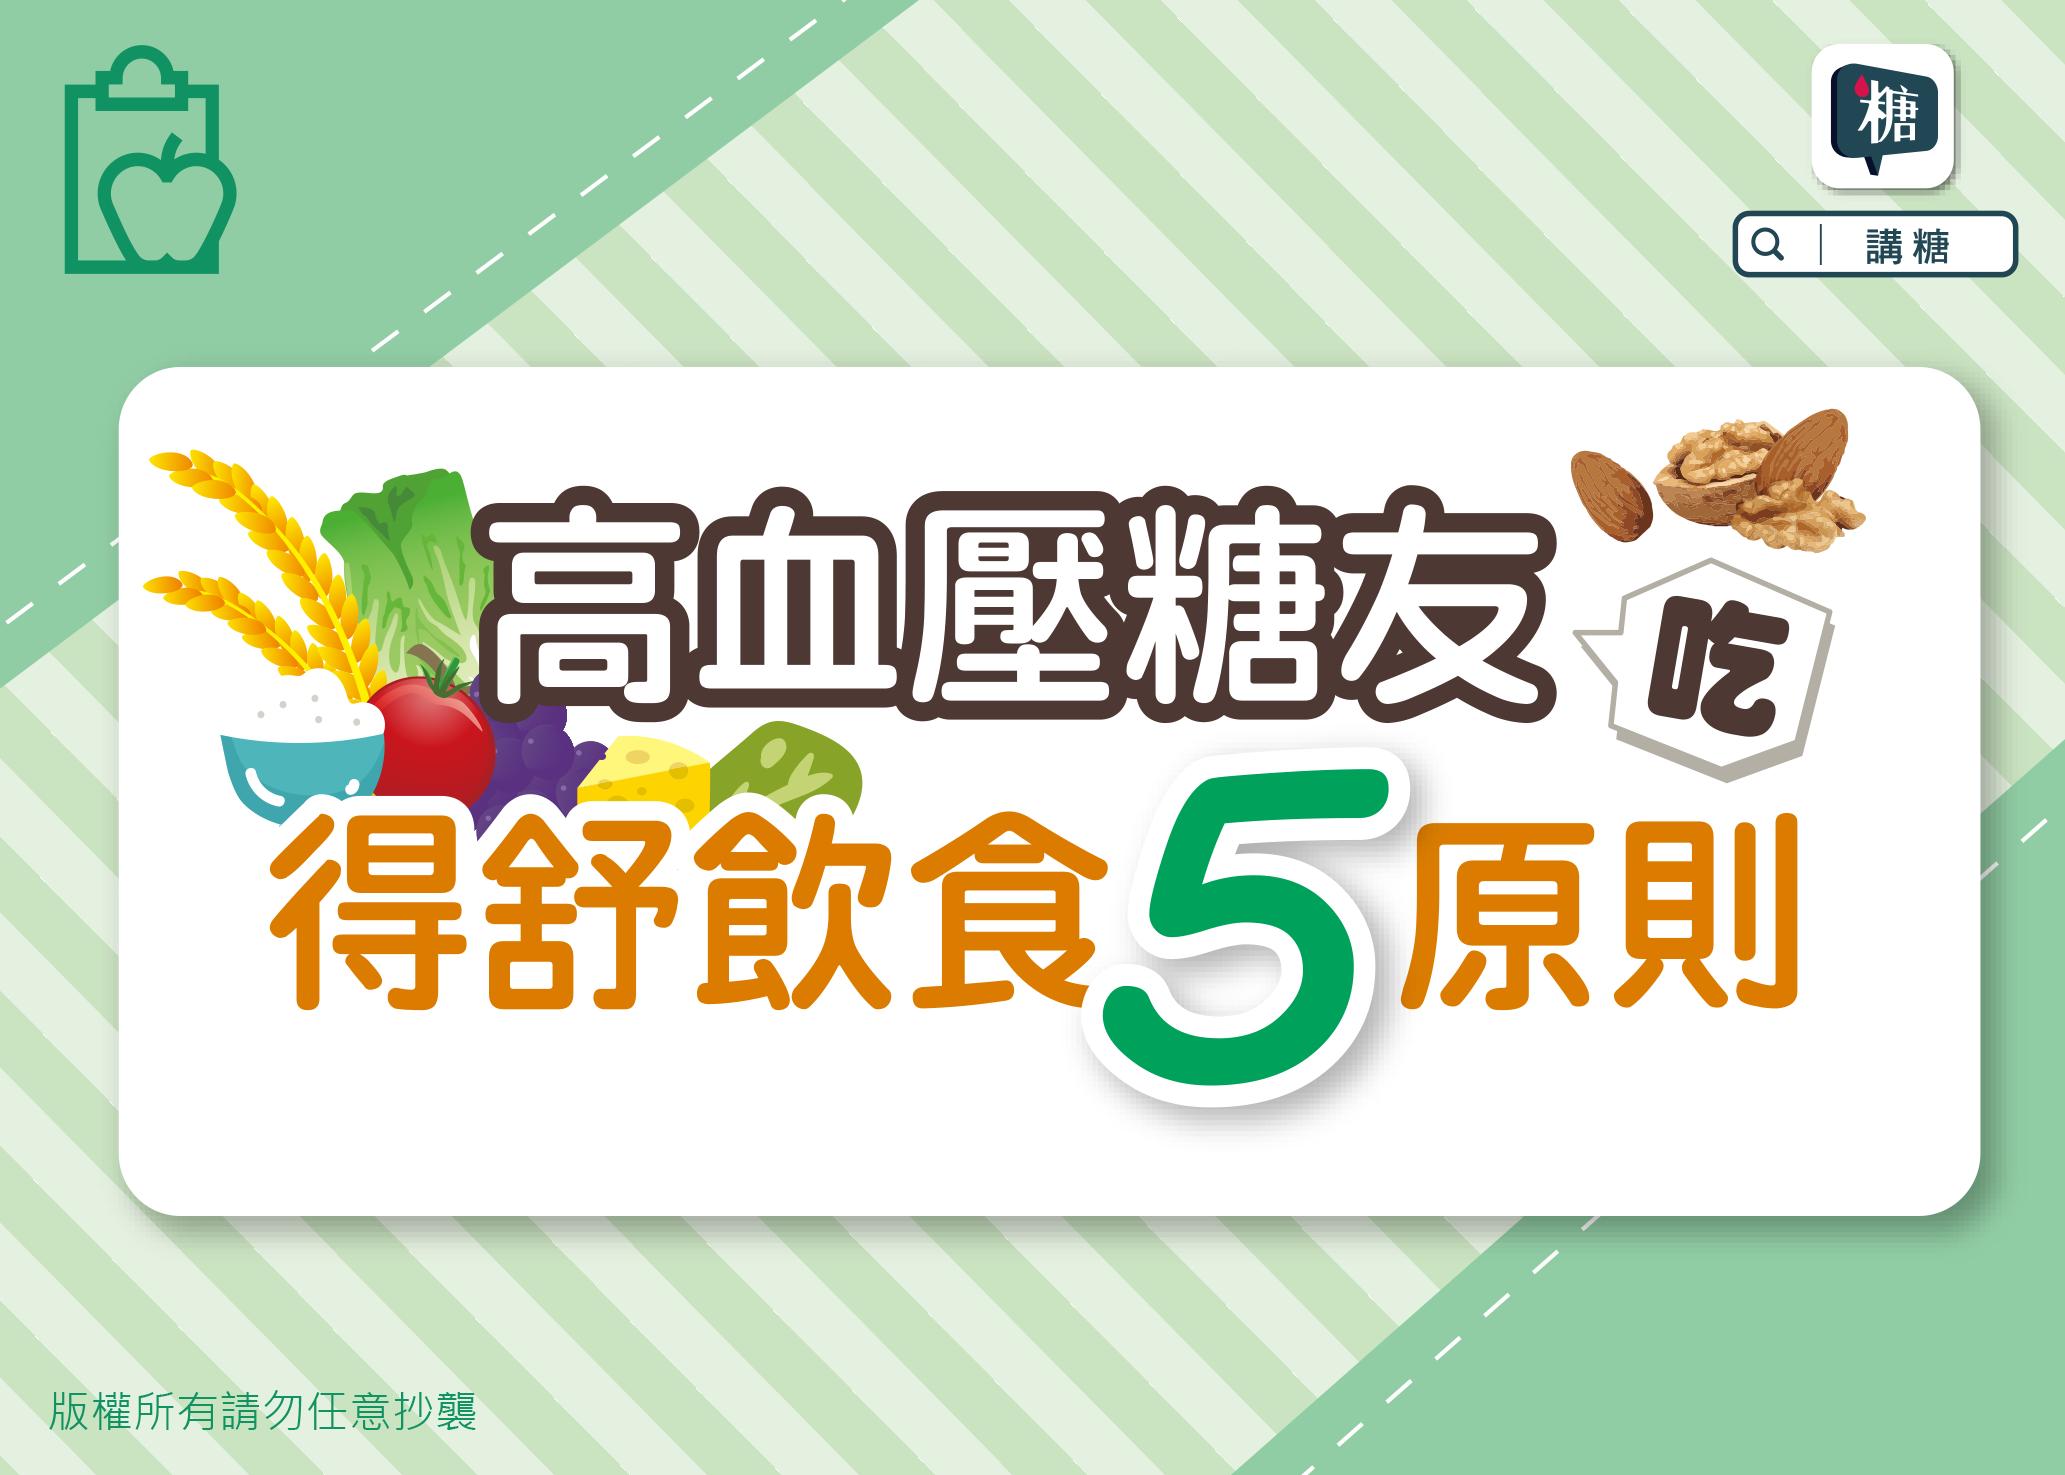 高血壓糖友吃得舒飲食5原則